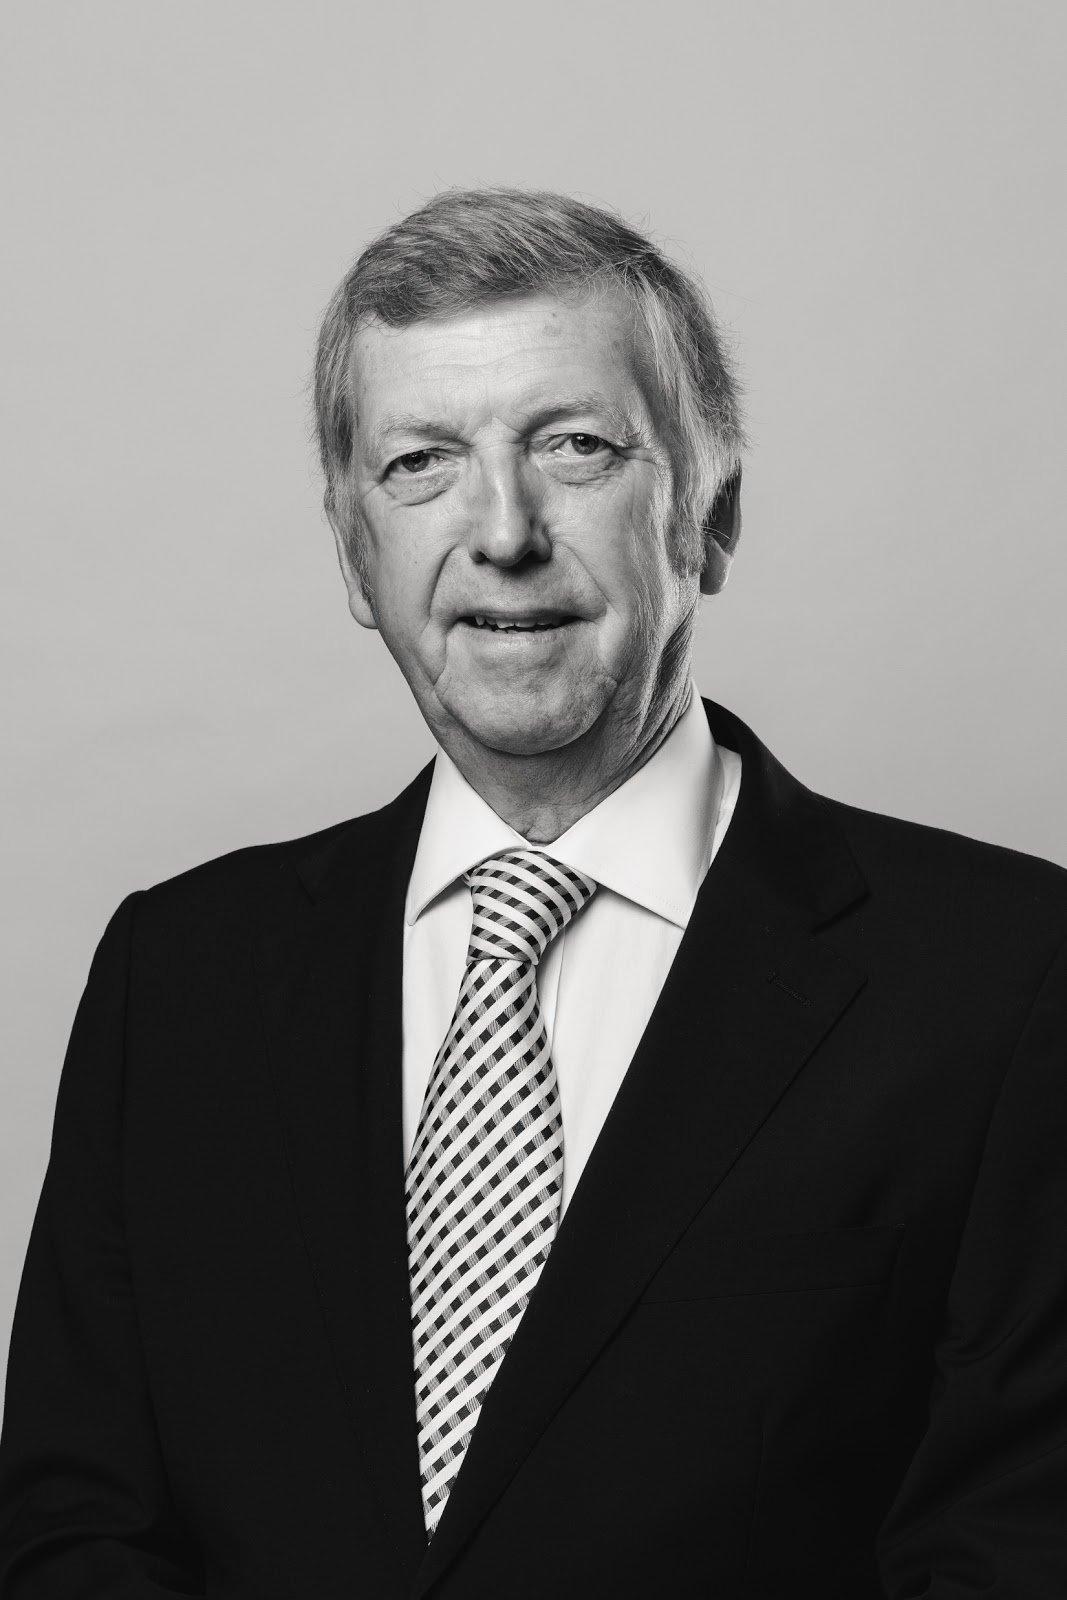 Howard Pratt